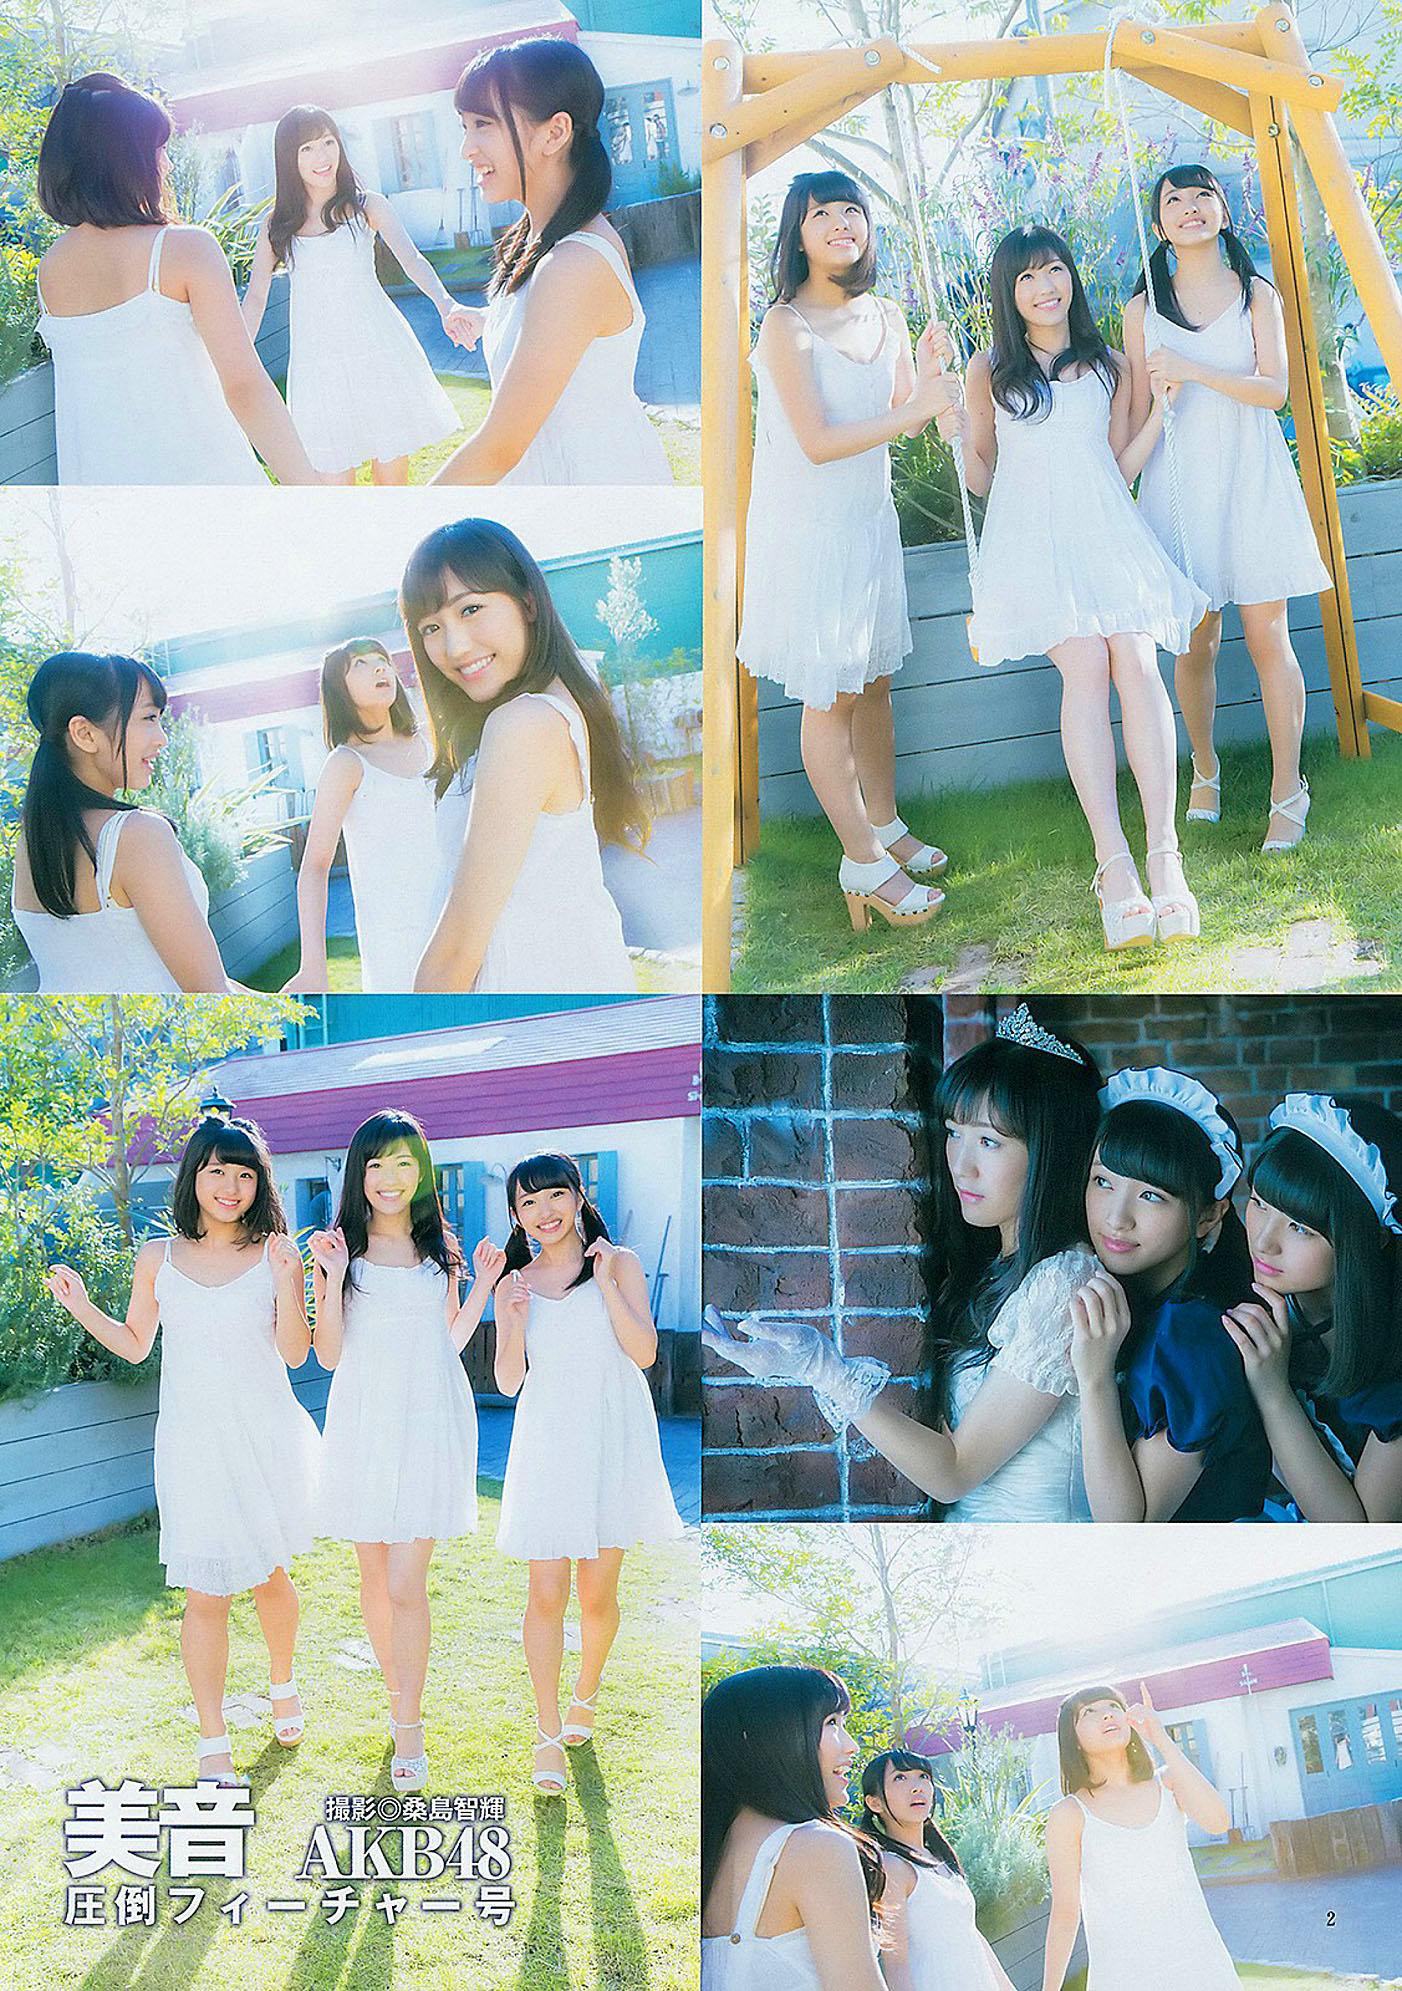 MMukaichi MWatanabe NOwada Young Jump 141204 03.jpg